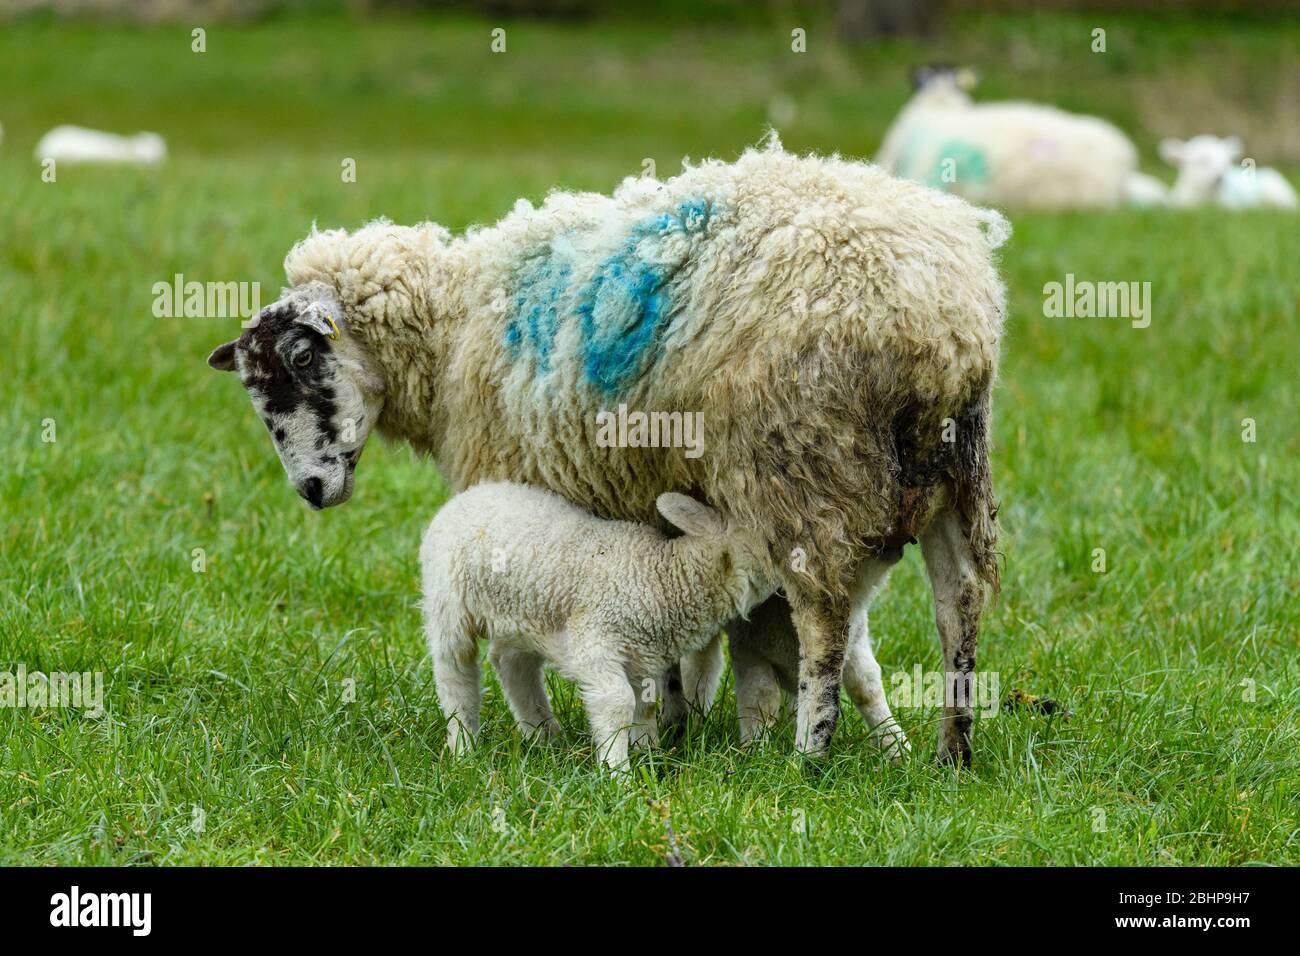 1 oveja de mula y 2 corderos pequeños de cerca, de pie en la granja de césped en la primavera (la alimentación de la descendencia hambrienta y la madre mirando hacia abajo) - Inglaterra, GB, Reino Unido. Foto de stock